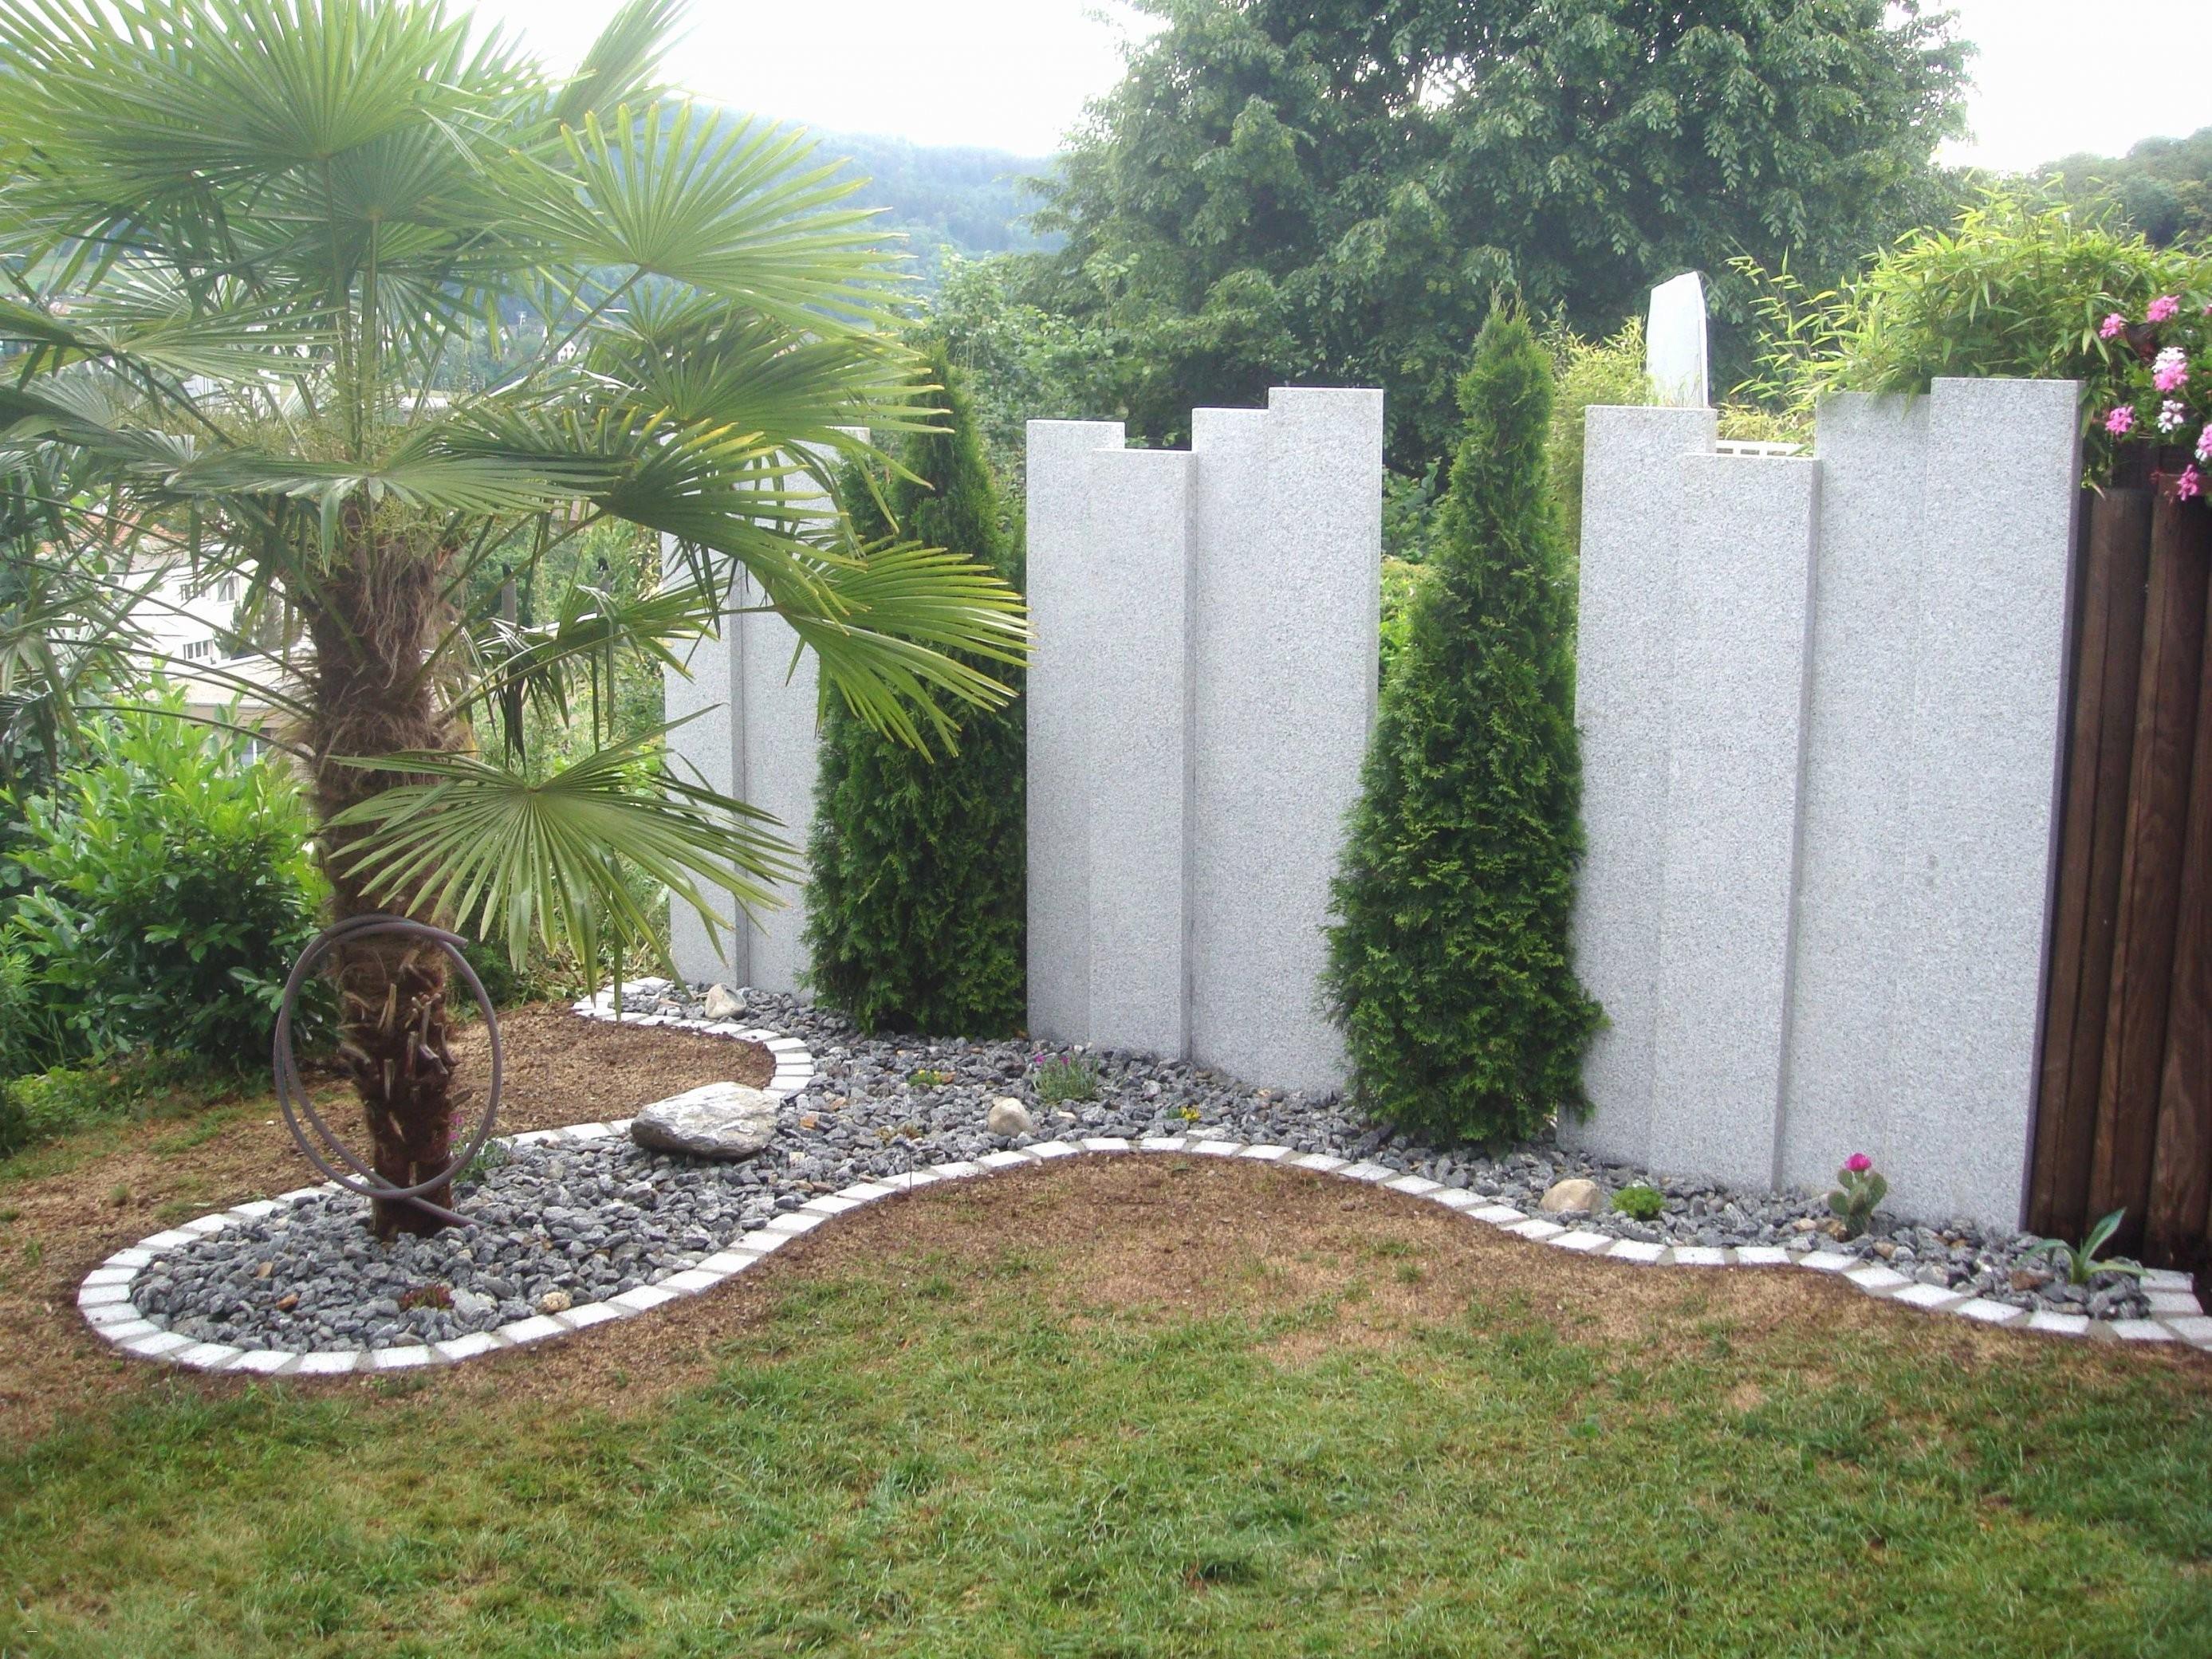 Vorgarten Mit Steinen Garten Ideen Mit Kies Und Pretentious Idea Von